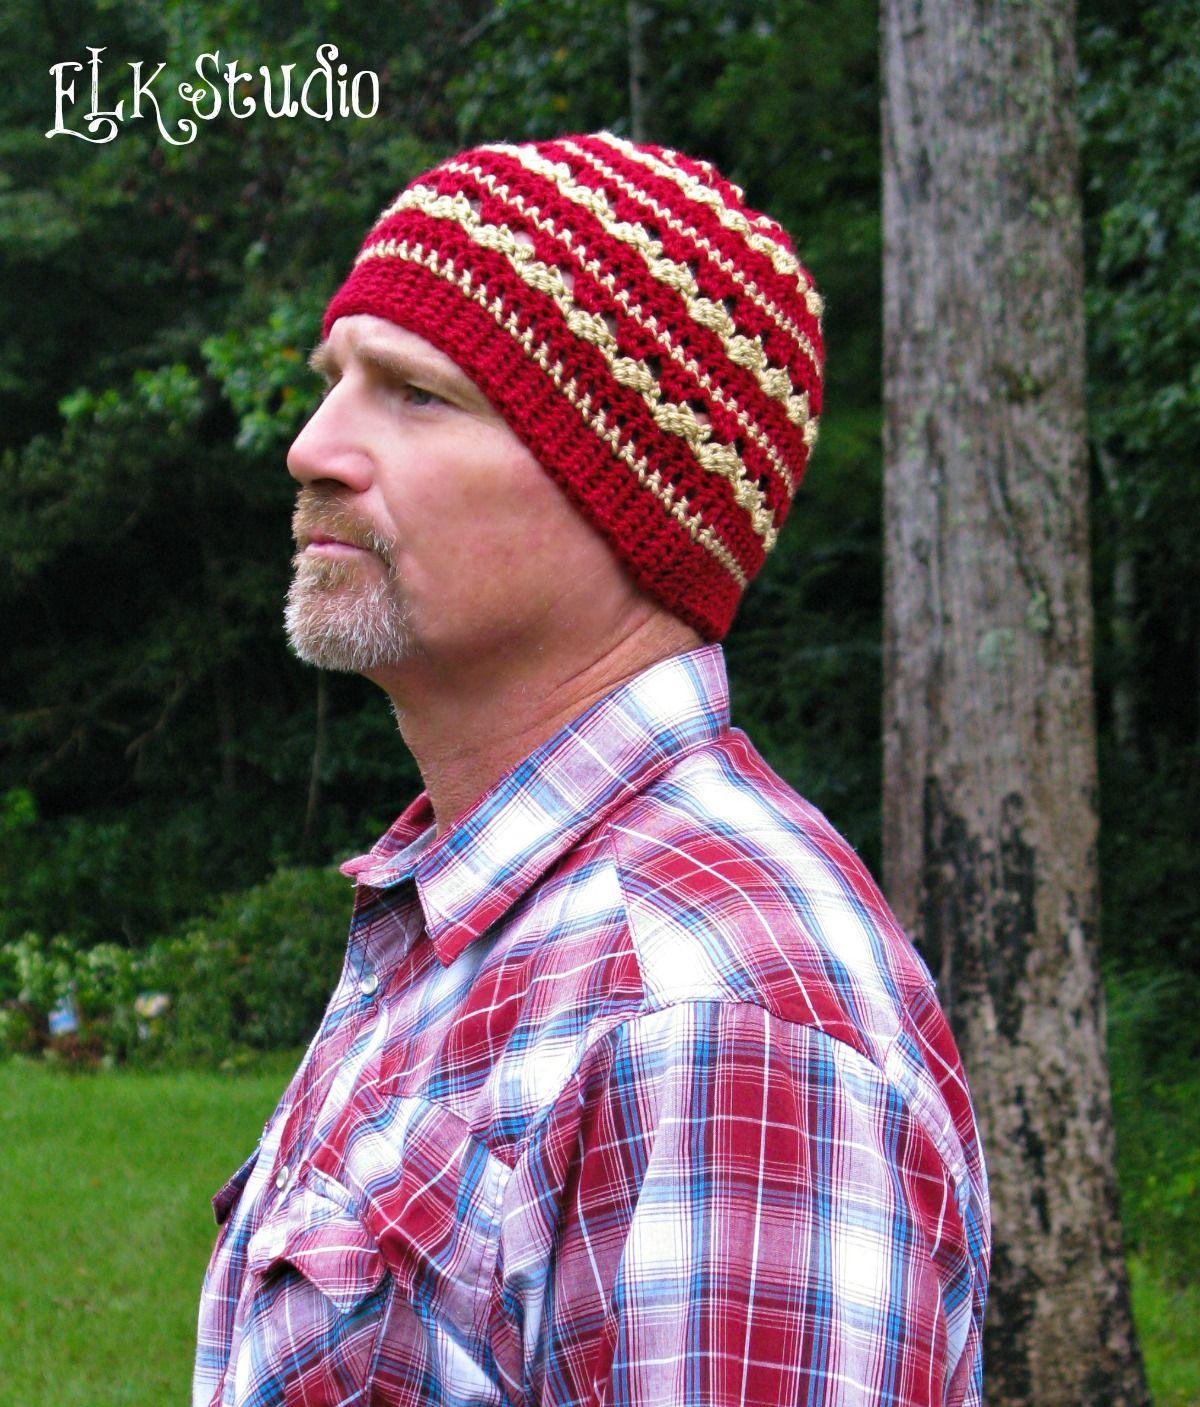 Autumn Dew - A Free Crochet Beanie Hat by ELK Studio   Crochet ...